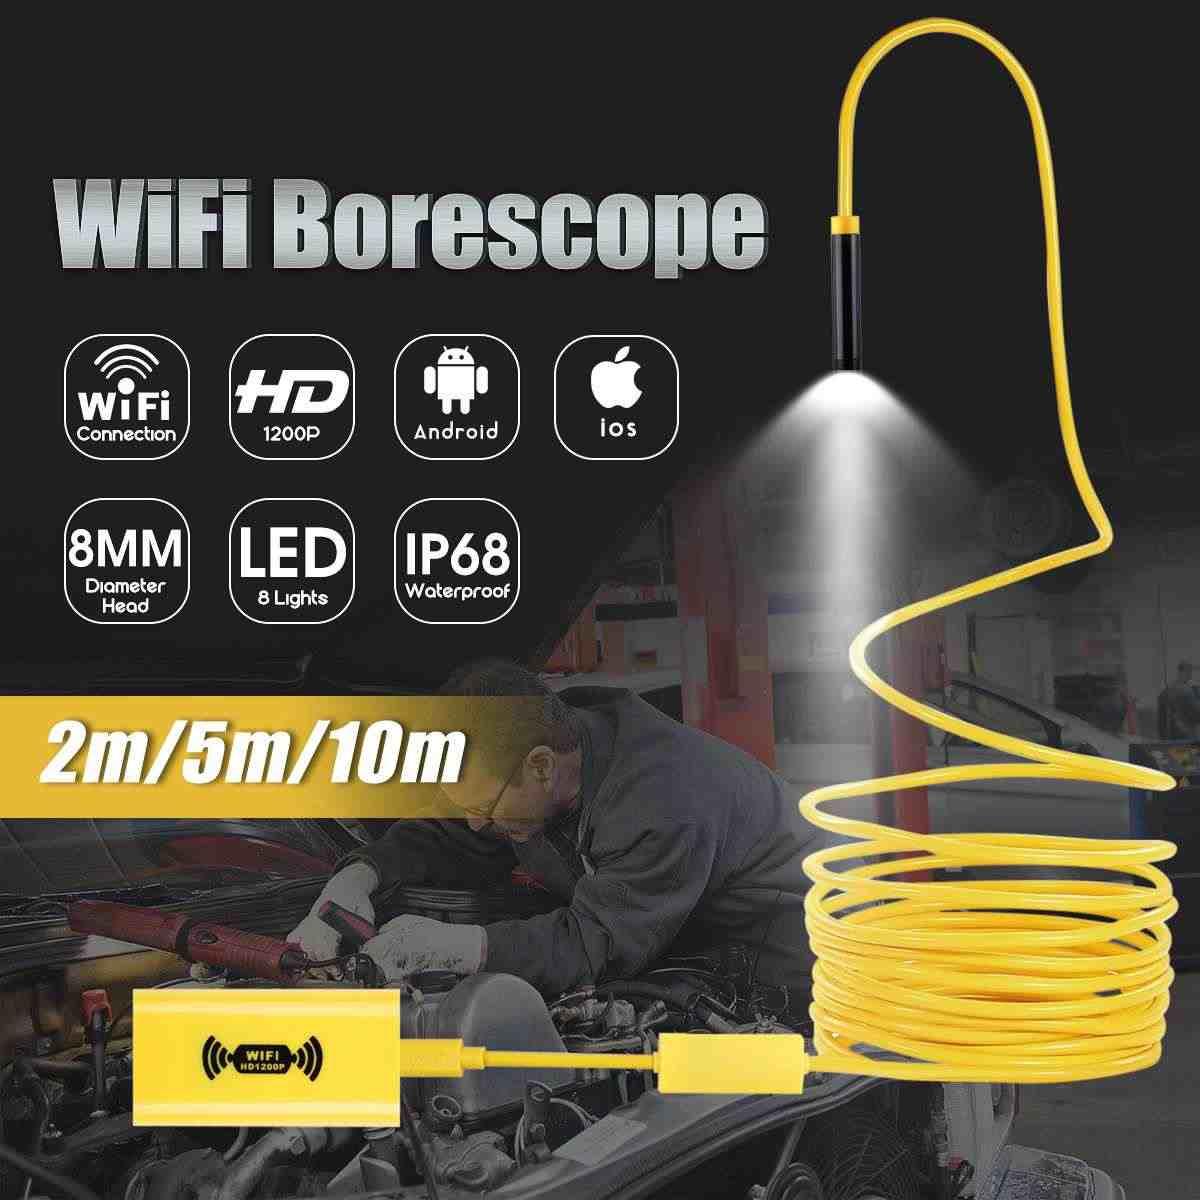 2/5/10 メートル無線 LAN 内視鏡カメラ HD 1200 1080p ミニ防水ハードケーブル検査カメラ USB 内視鏡 8LED ボアスコープアンドロイド Ios 用